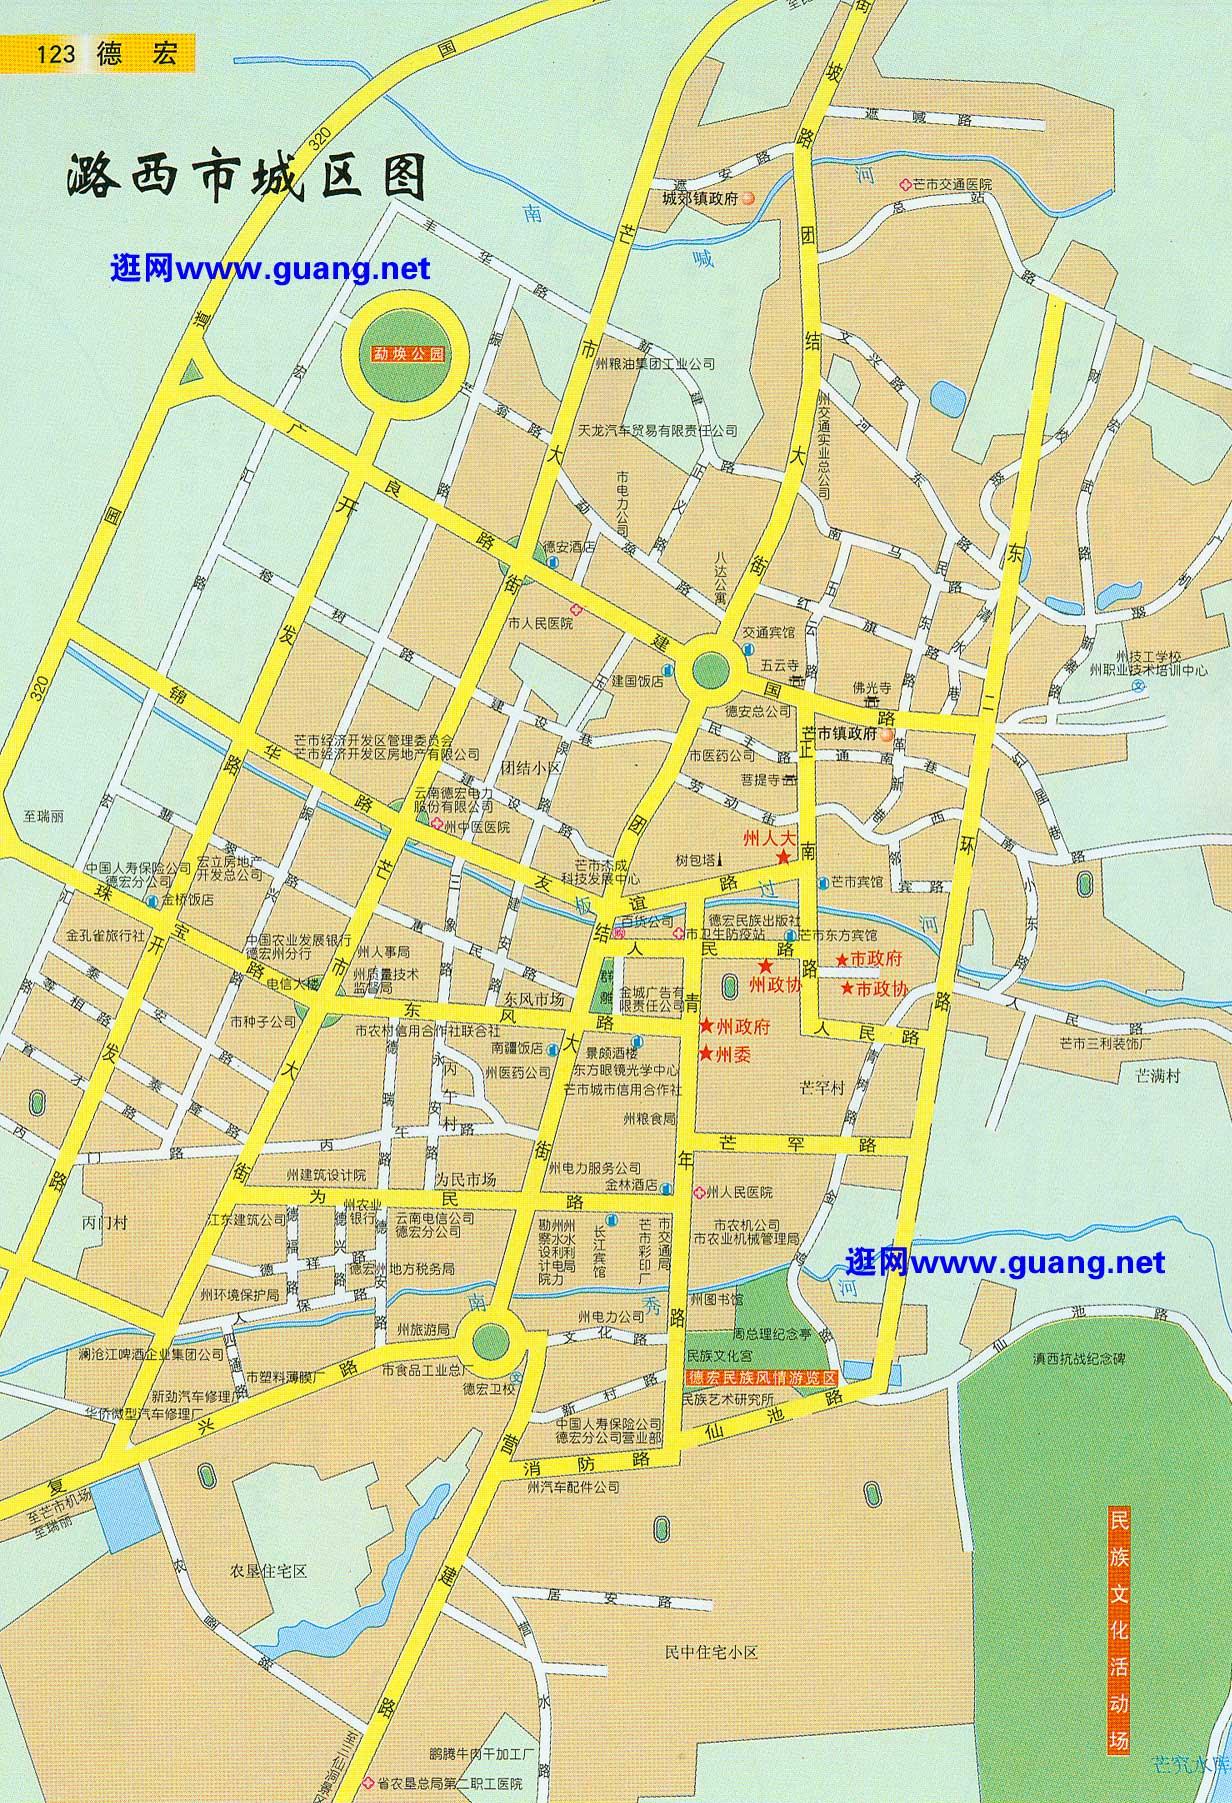 潞西市区地图